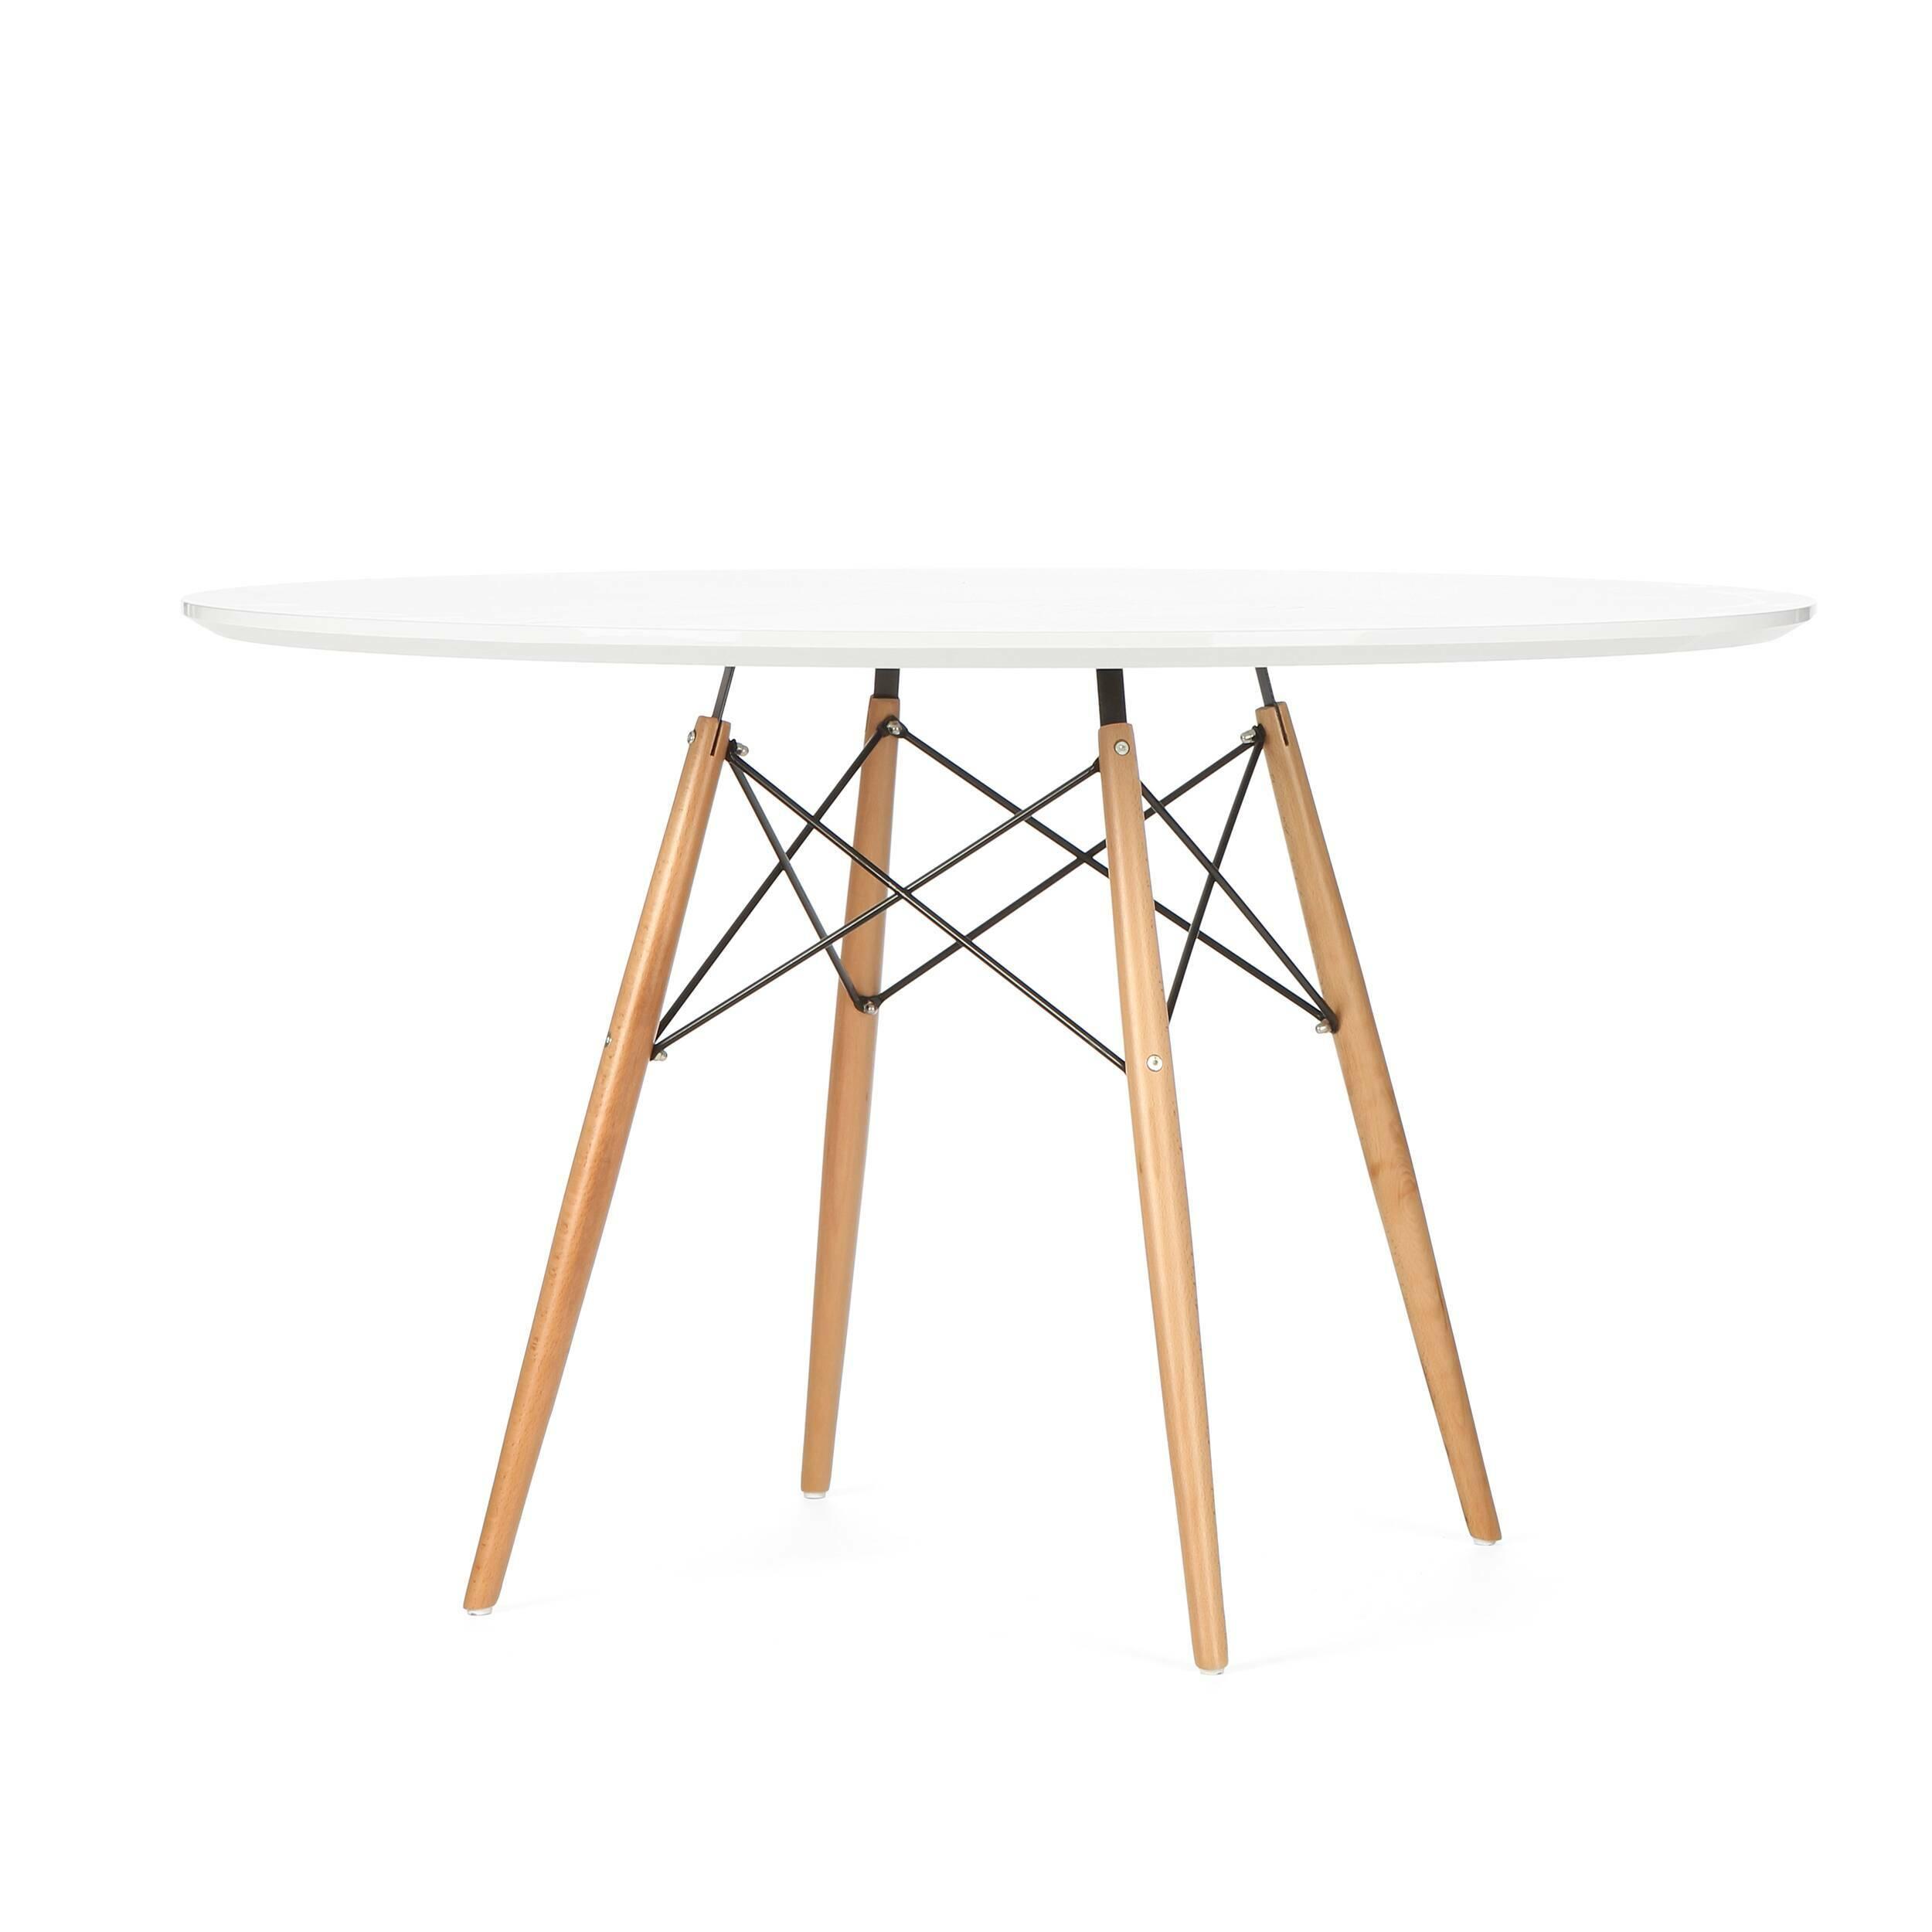 Обеденный стол Eiffel диаметр 120Обеденные<br>Дизайнерская легкий круглый ламинированный обеденный стол Eiffel (Ефель) диаметр 120 на тонких деревянных ножках от Cosmo (Космо).<br> Если вы ищете стол, за которым можно обедать, работать и играть как в помещении, так и снаружи, то приглядитесь к обеденному столу Eiffel диаметр 120. Вневременной дизайн, разработанный еще сорок лет назад, успел стать любимцем миллионов потребителей по всему миру.<br> <br> Благодаря различному оригинальному цветовому исполнению стол может вписаться в любой современ...<br><br>stock: 9<br>Высота: 74,5<br>Диаметр: 120<br>Цвет ножек: Светло-коричневый<br>Цвет столешницы: Белый<br>Материал столешницы: Ламинированный МДФ<br>Тип материала столешницы: МДФ<br>Тип материала ножек: Дерево